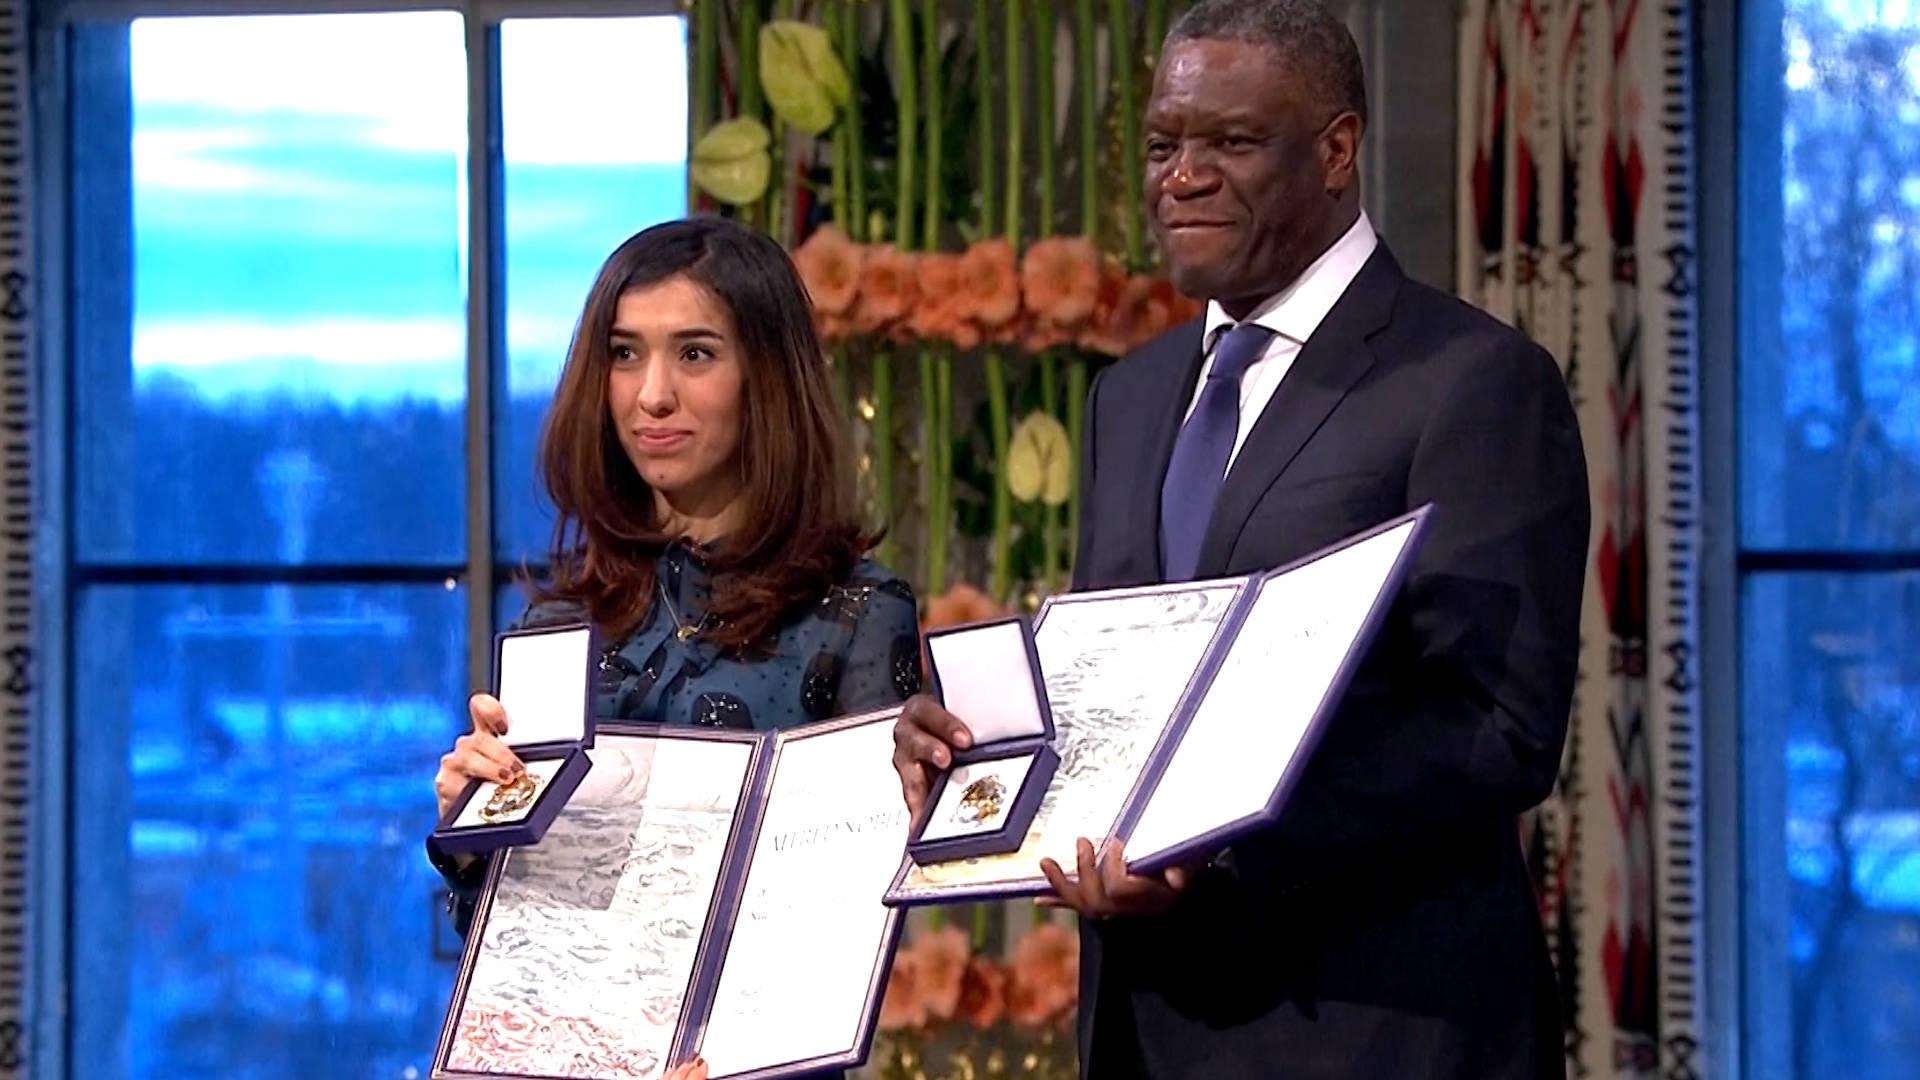 Nobel Peace Prize Awarded to Nadia Murad & Dr. Denis Mukwege